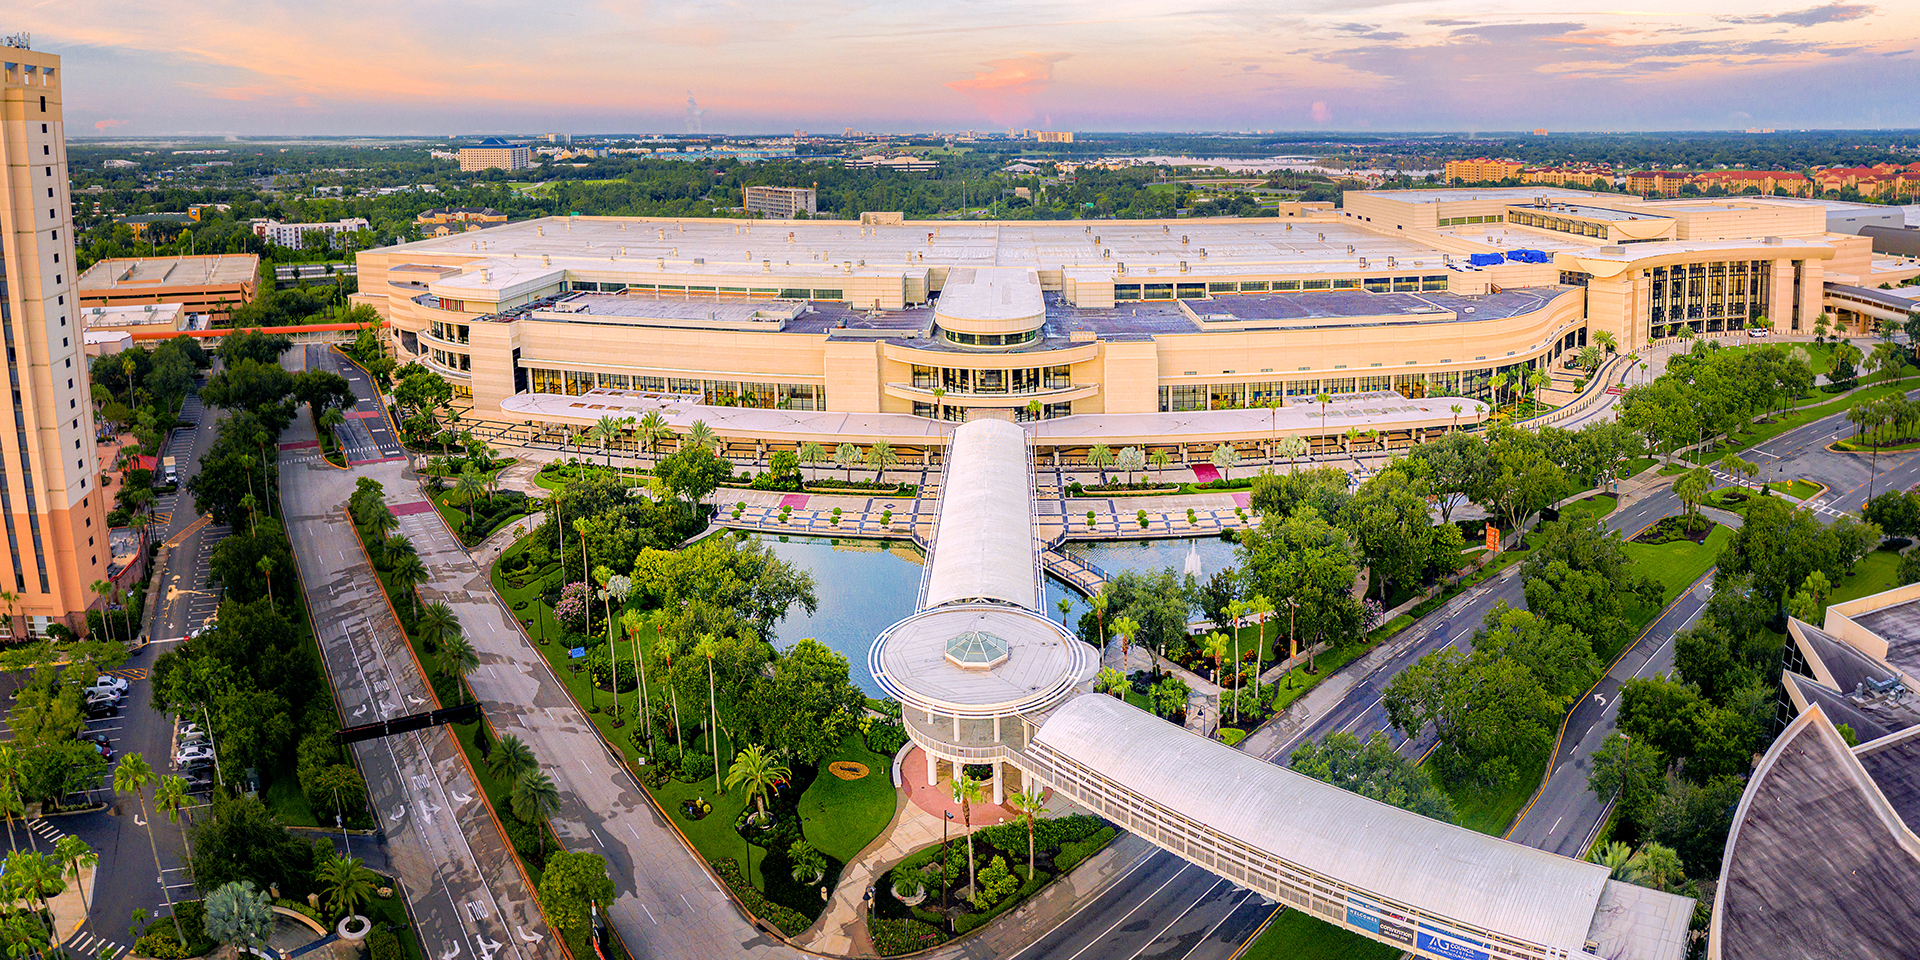 Orange County Convention Center skywalk